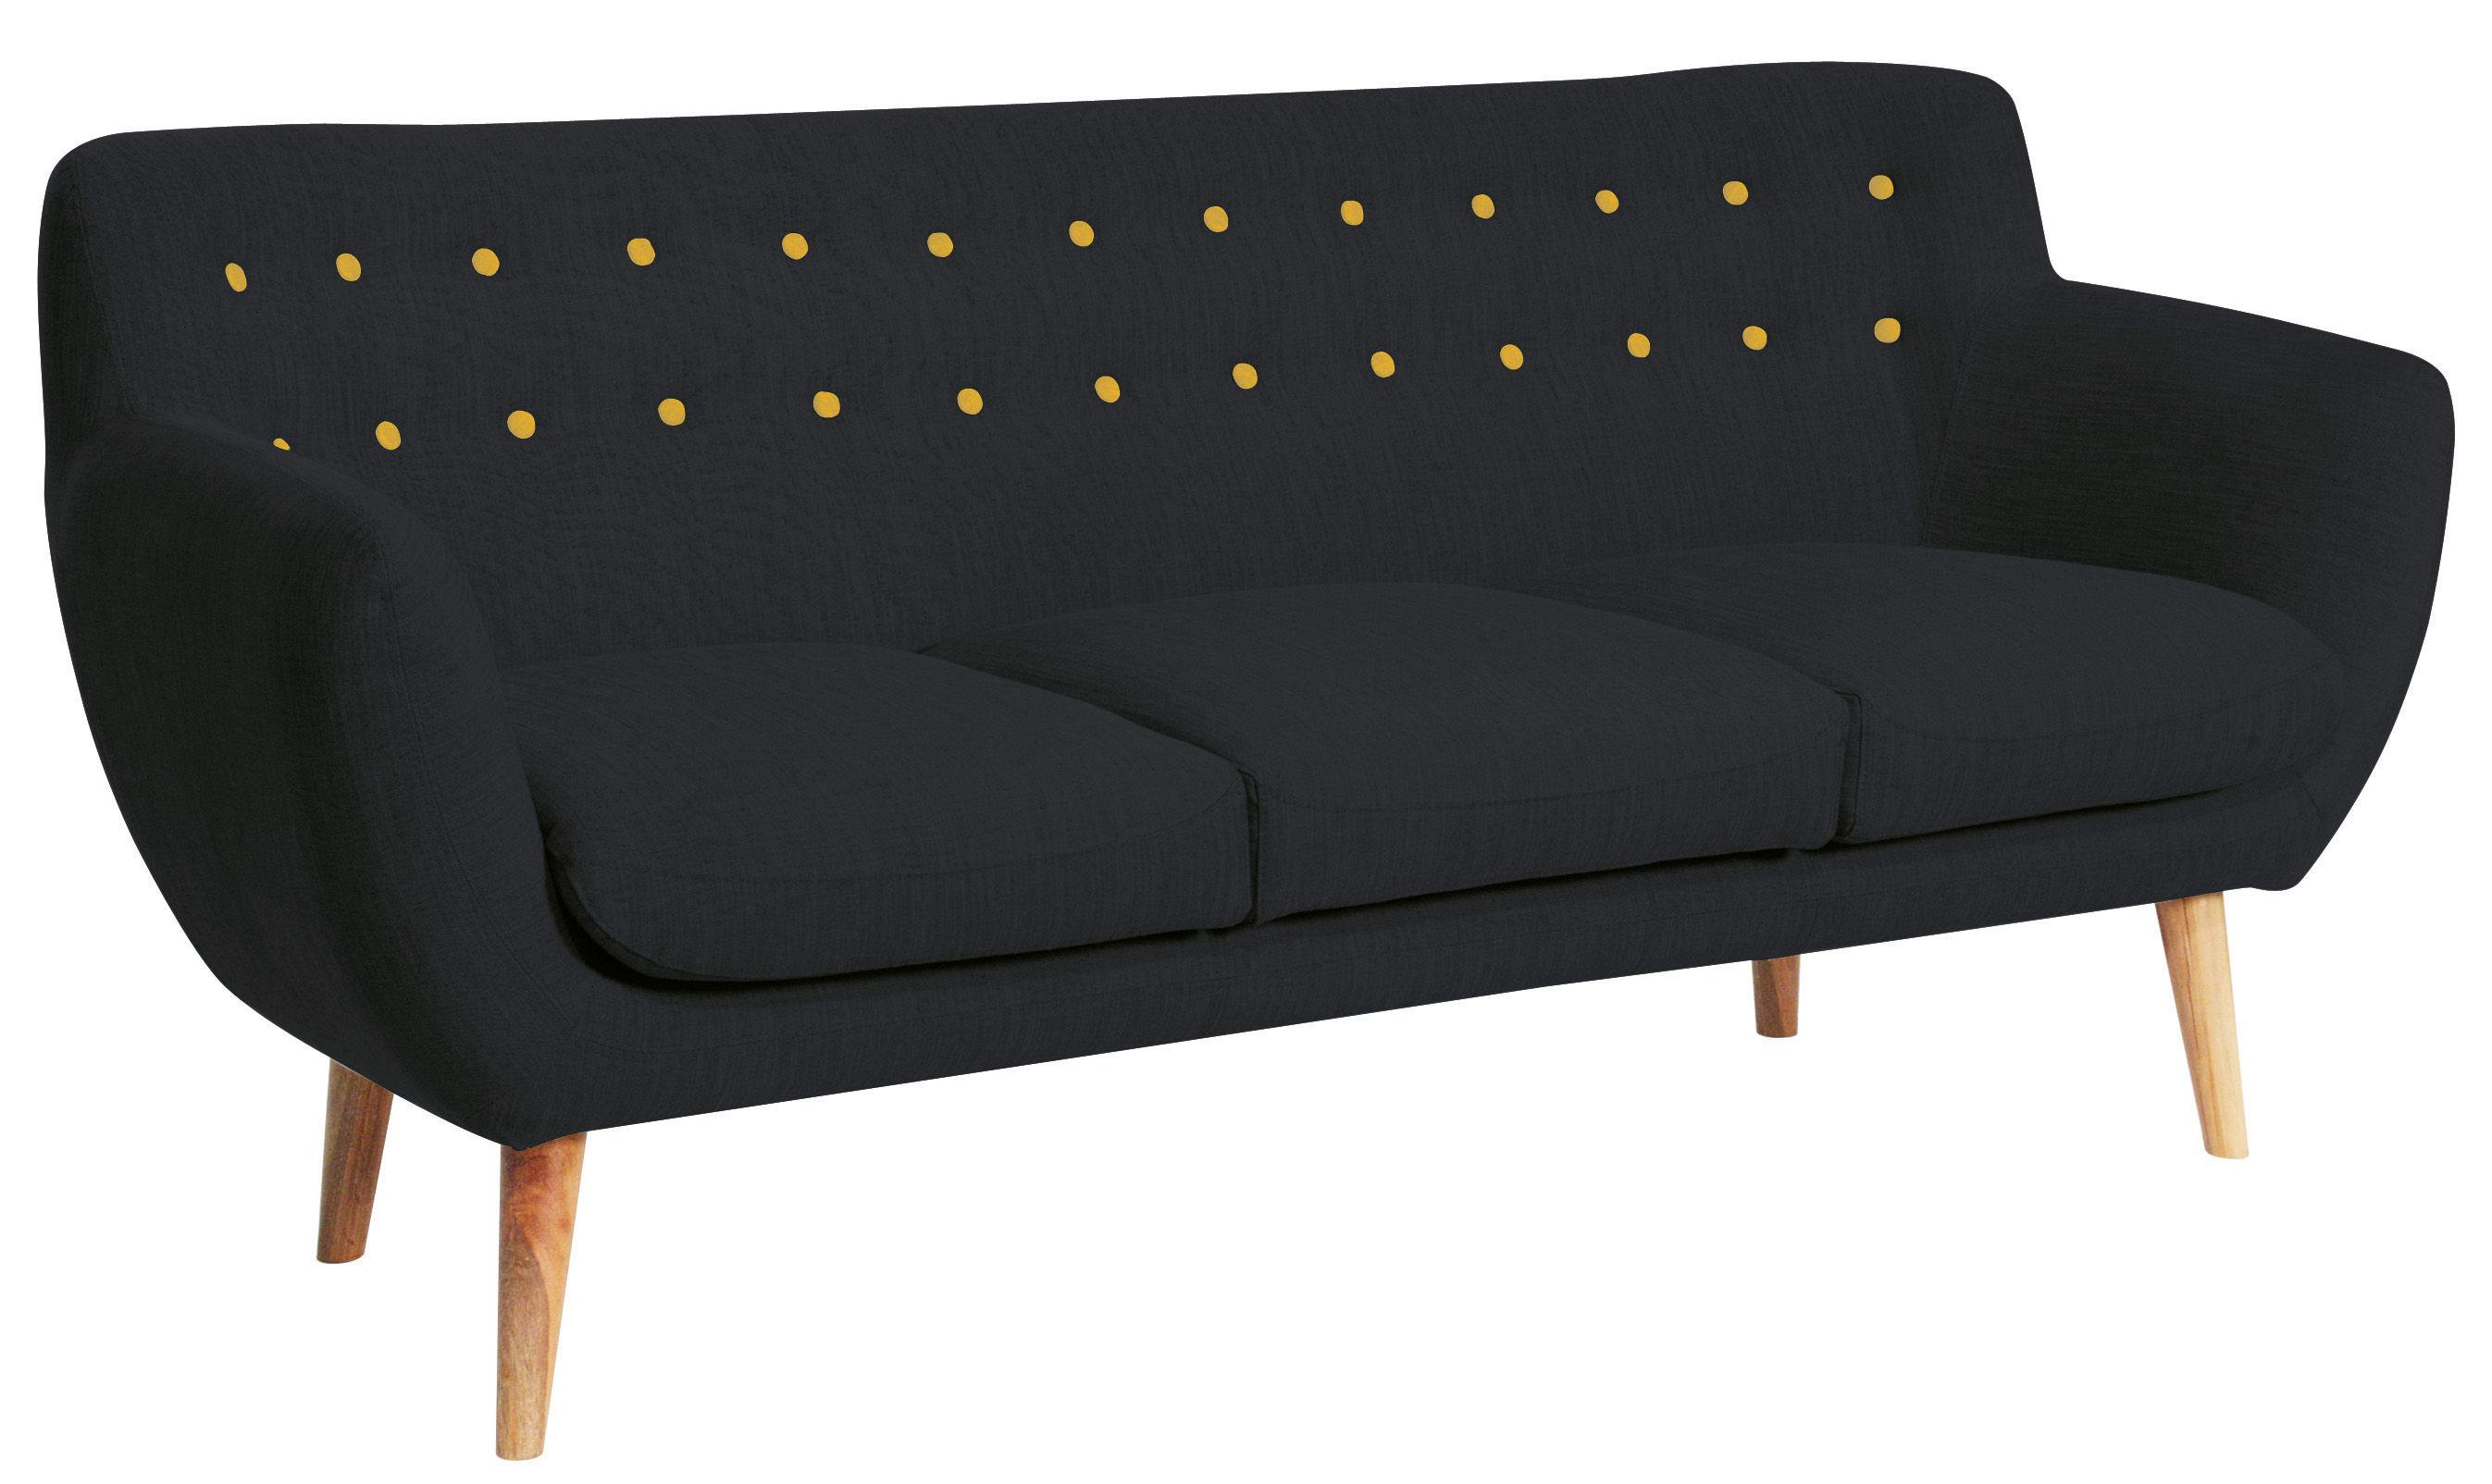 Möbel - Sofas - Coogee Sofa / 3-Sitzer - B 181 cm - Sentou Edition - Pechschwarz / Zitrongelb - Gewebe, Holz, Schaumstoff